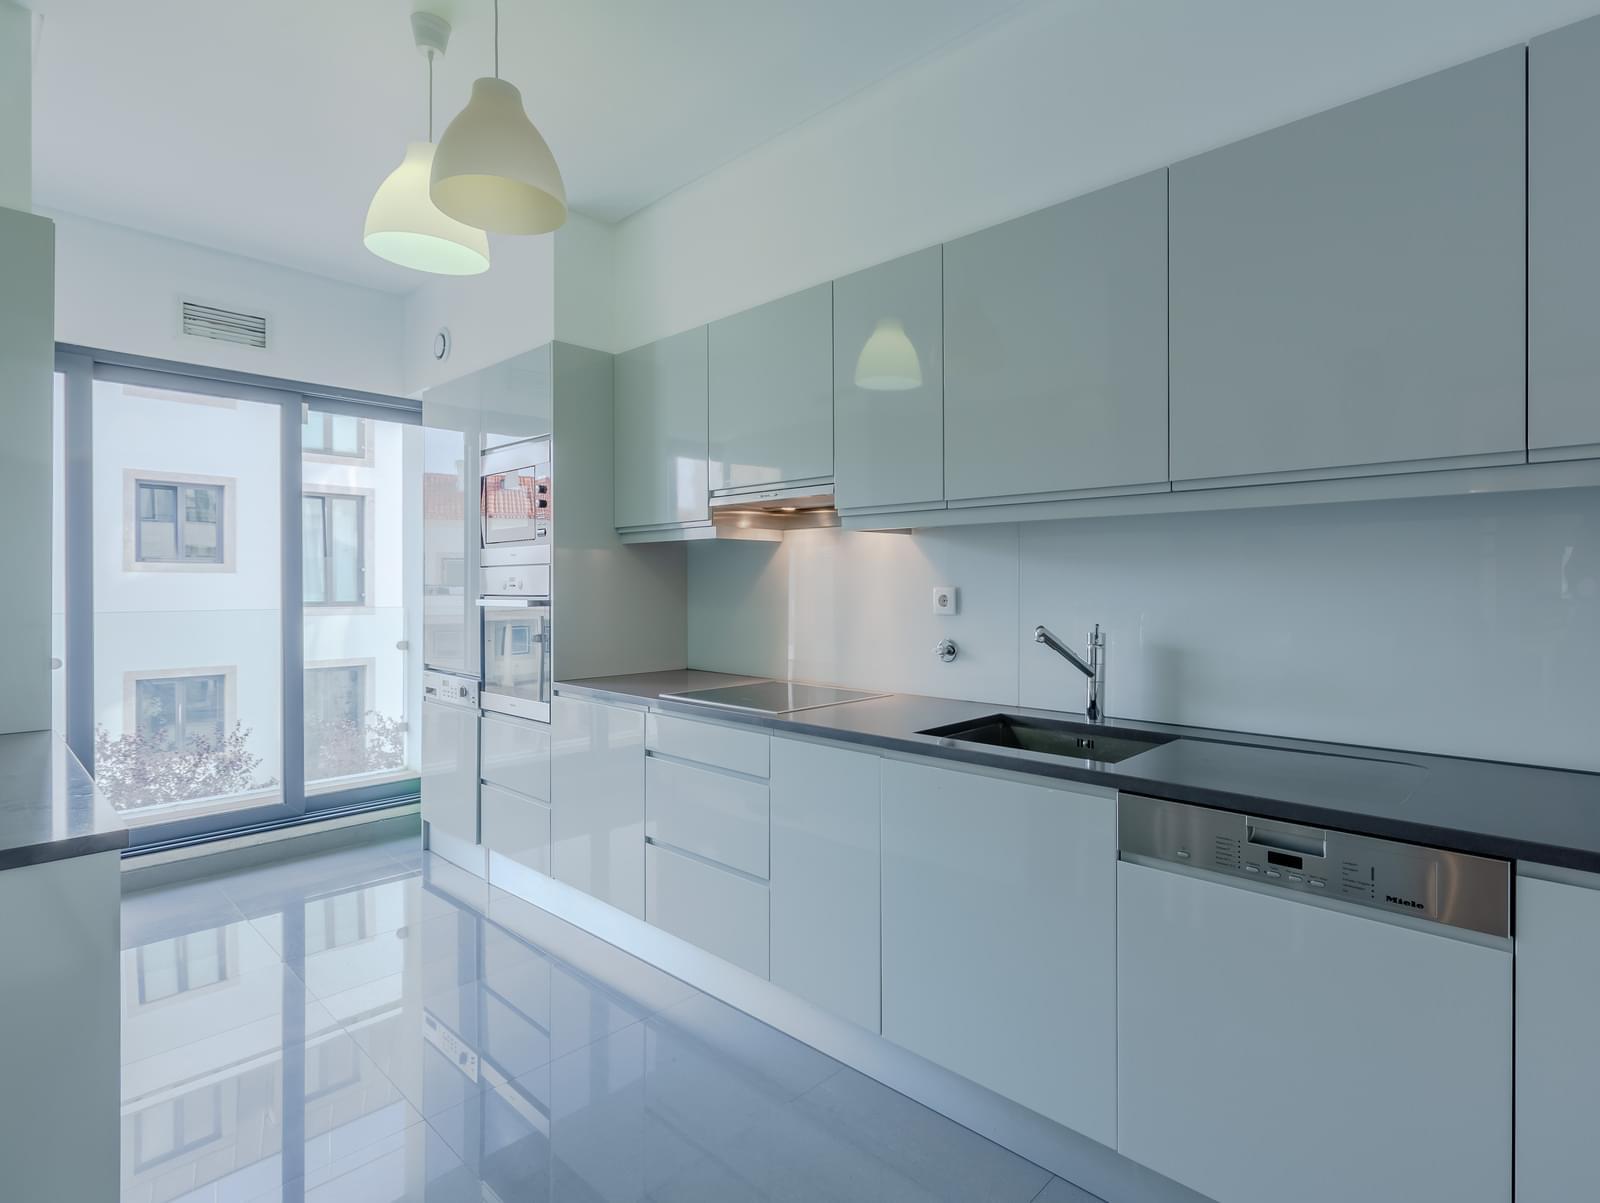 pf18160-apartamento-t2-lisboa-61630428-e237-47c9-957d-fd1b36b34dfe